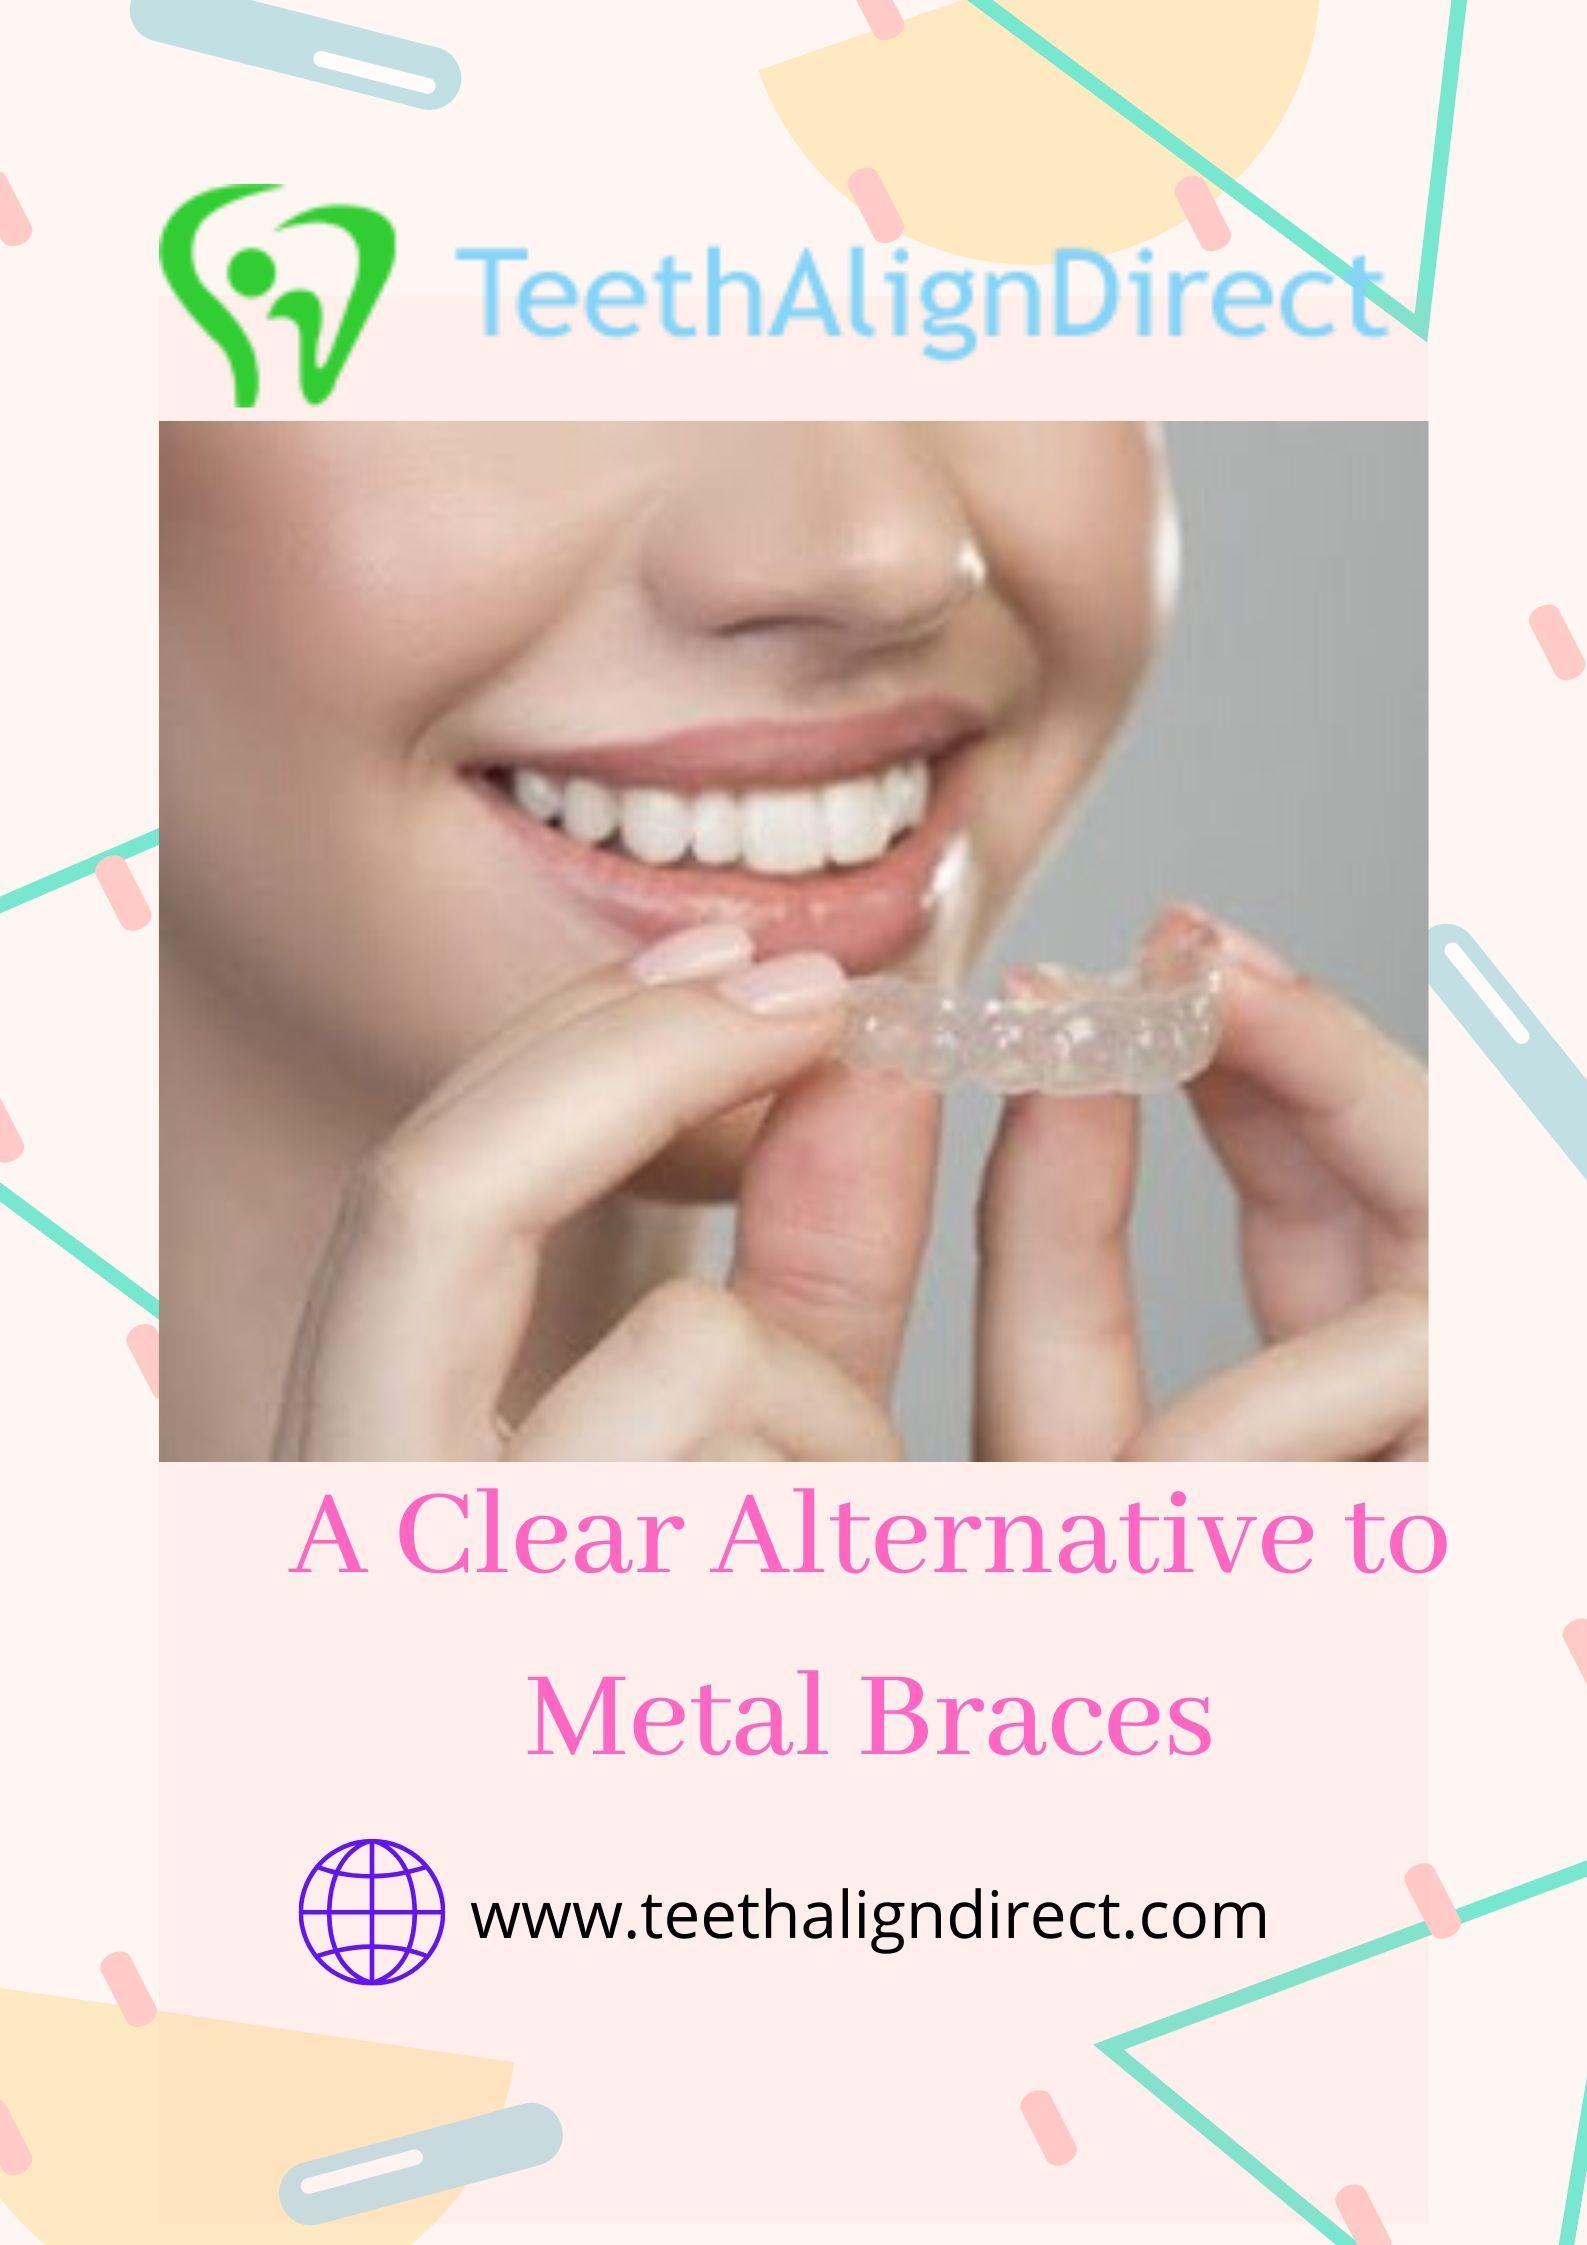 Buy teeth retainer in colorado springs teethaligndirect